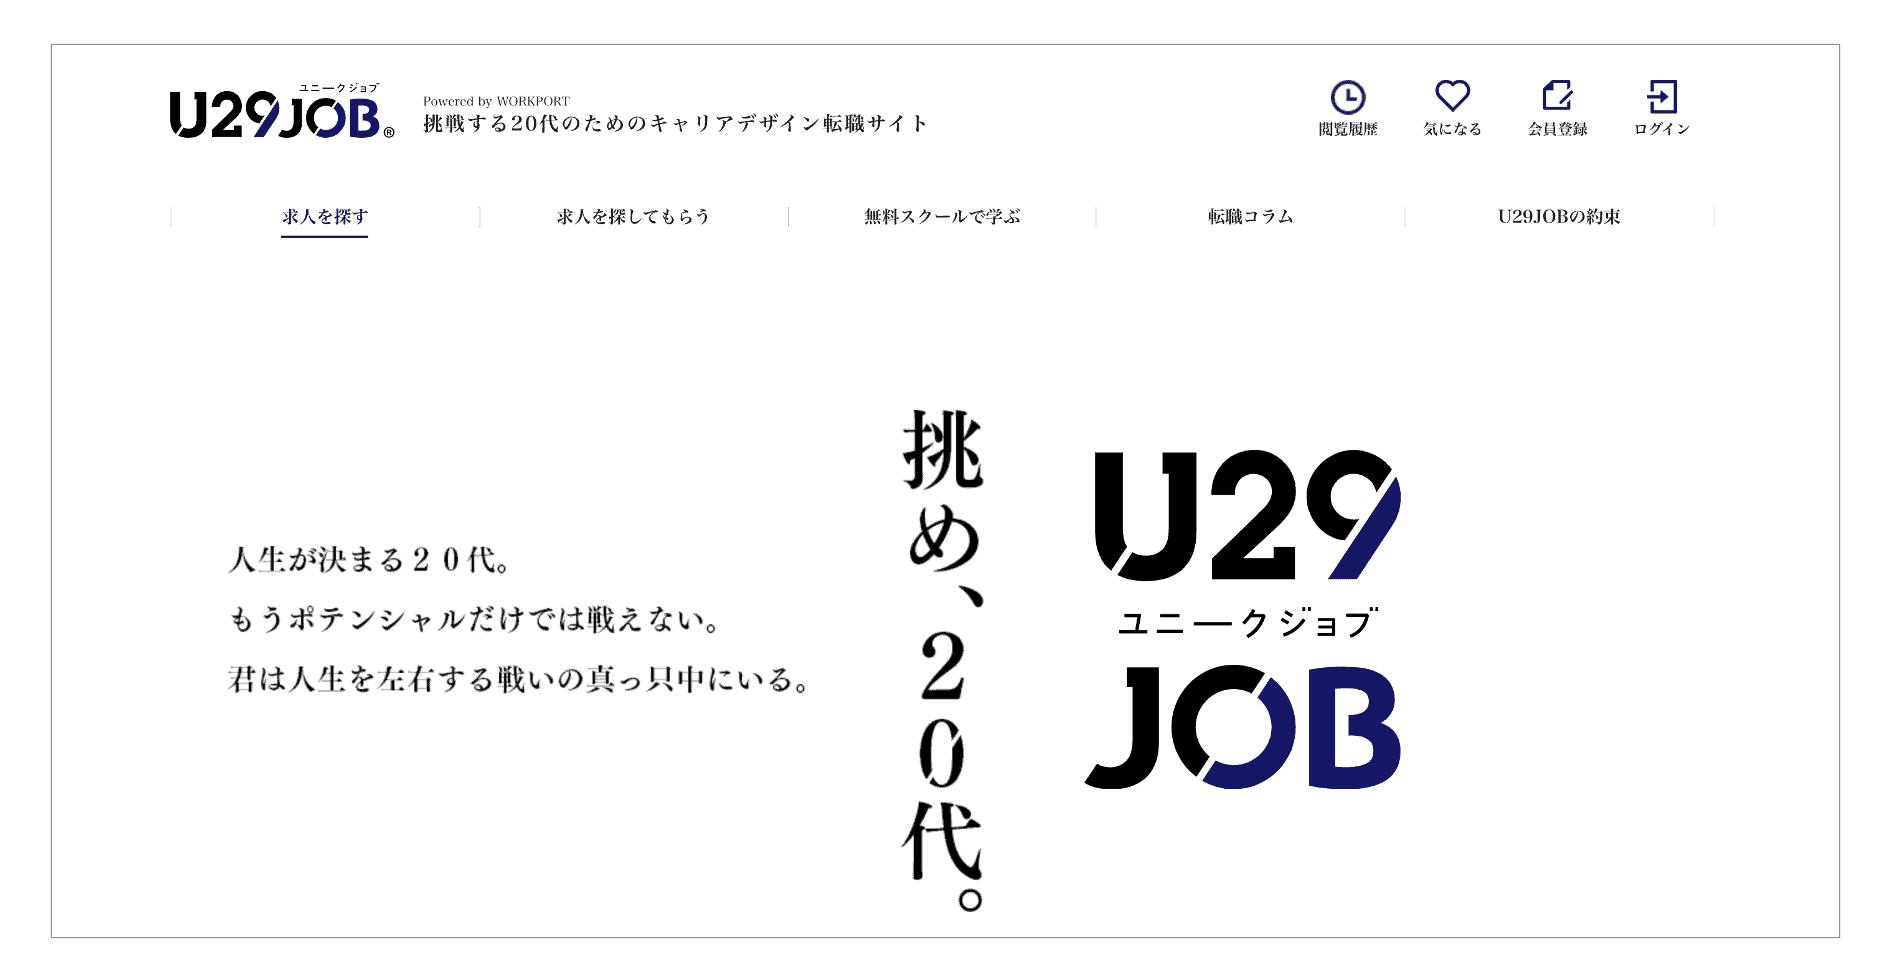 おすすめの転職サイト「U29JOB」